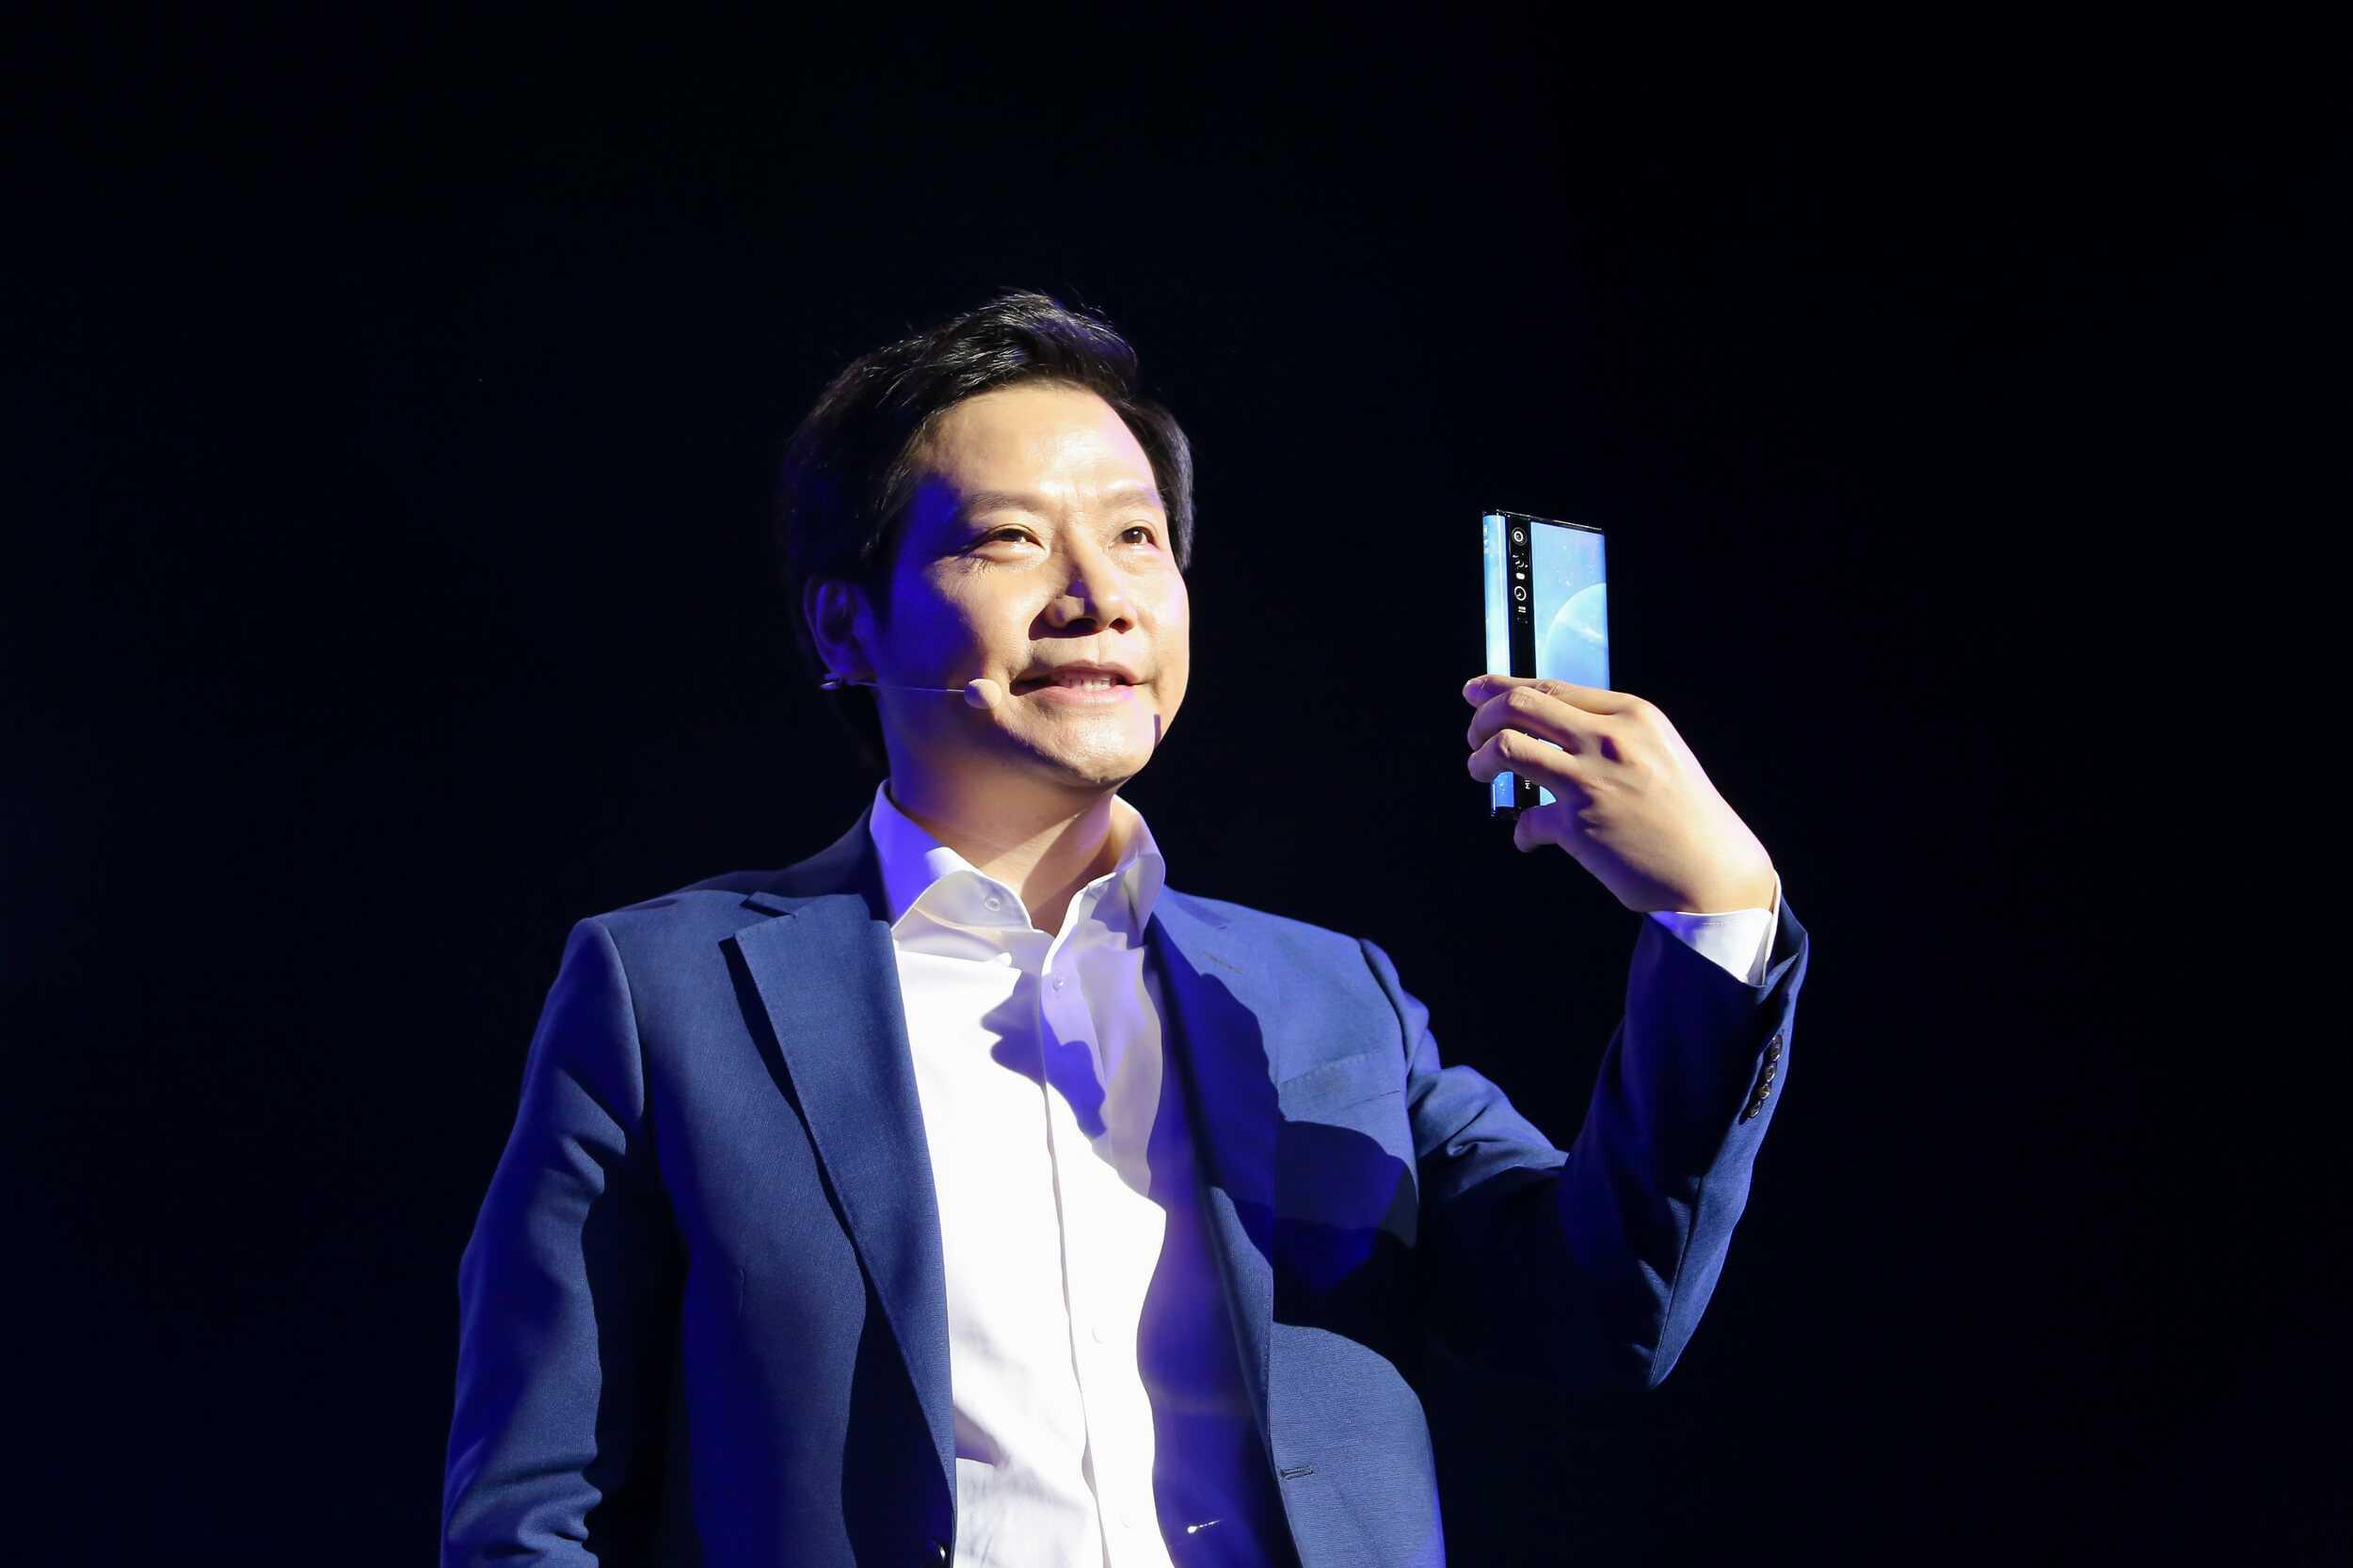 Nokia выпустила четыре смартфона на «чистом» android и «мобильник нео» из «матрицы»